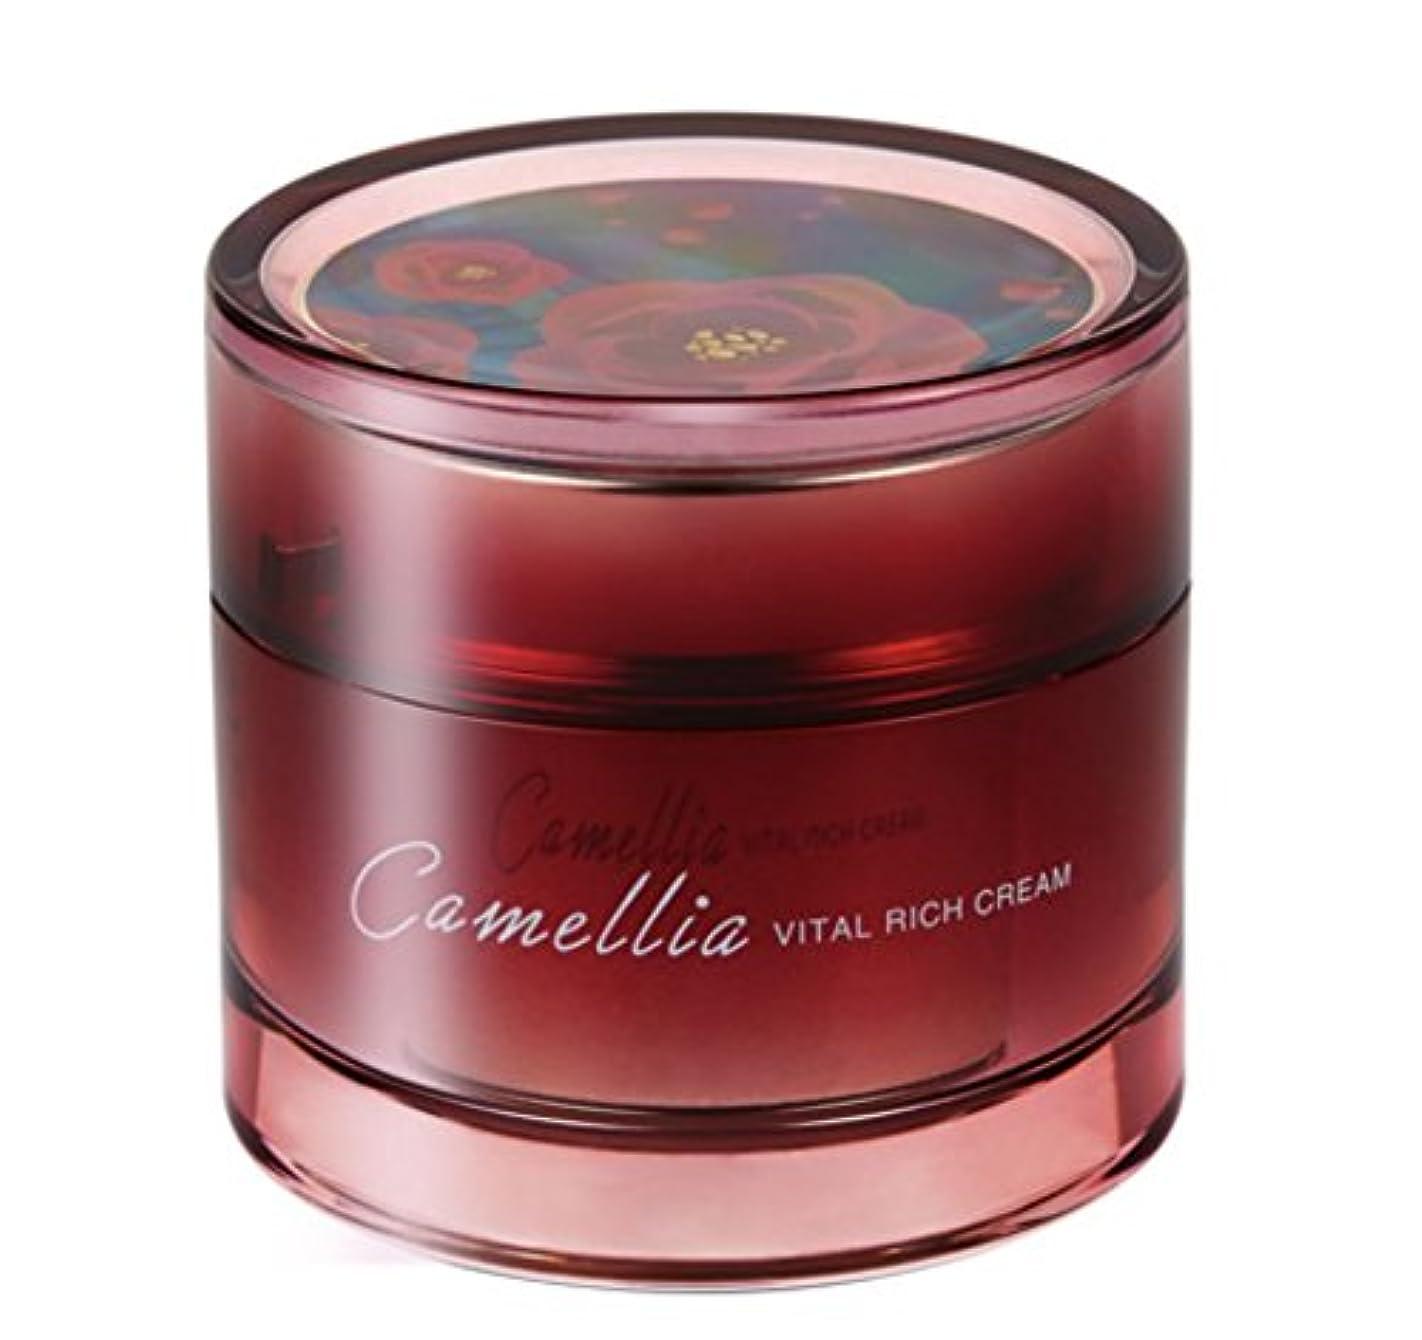 社会主義ちょっと待って緩やかなJeju Indi Camellia Vital Rich Cream 50g/Eco-Friendly Jeju Island Cosmetic/Korea Cosmetics [並行輸入品]